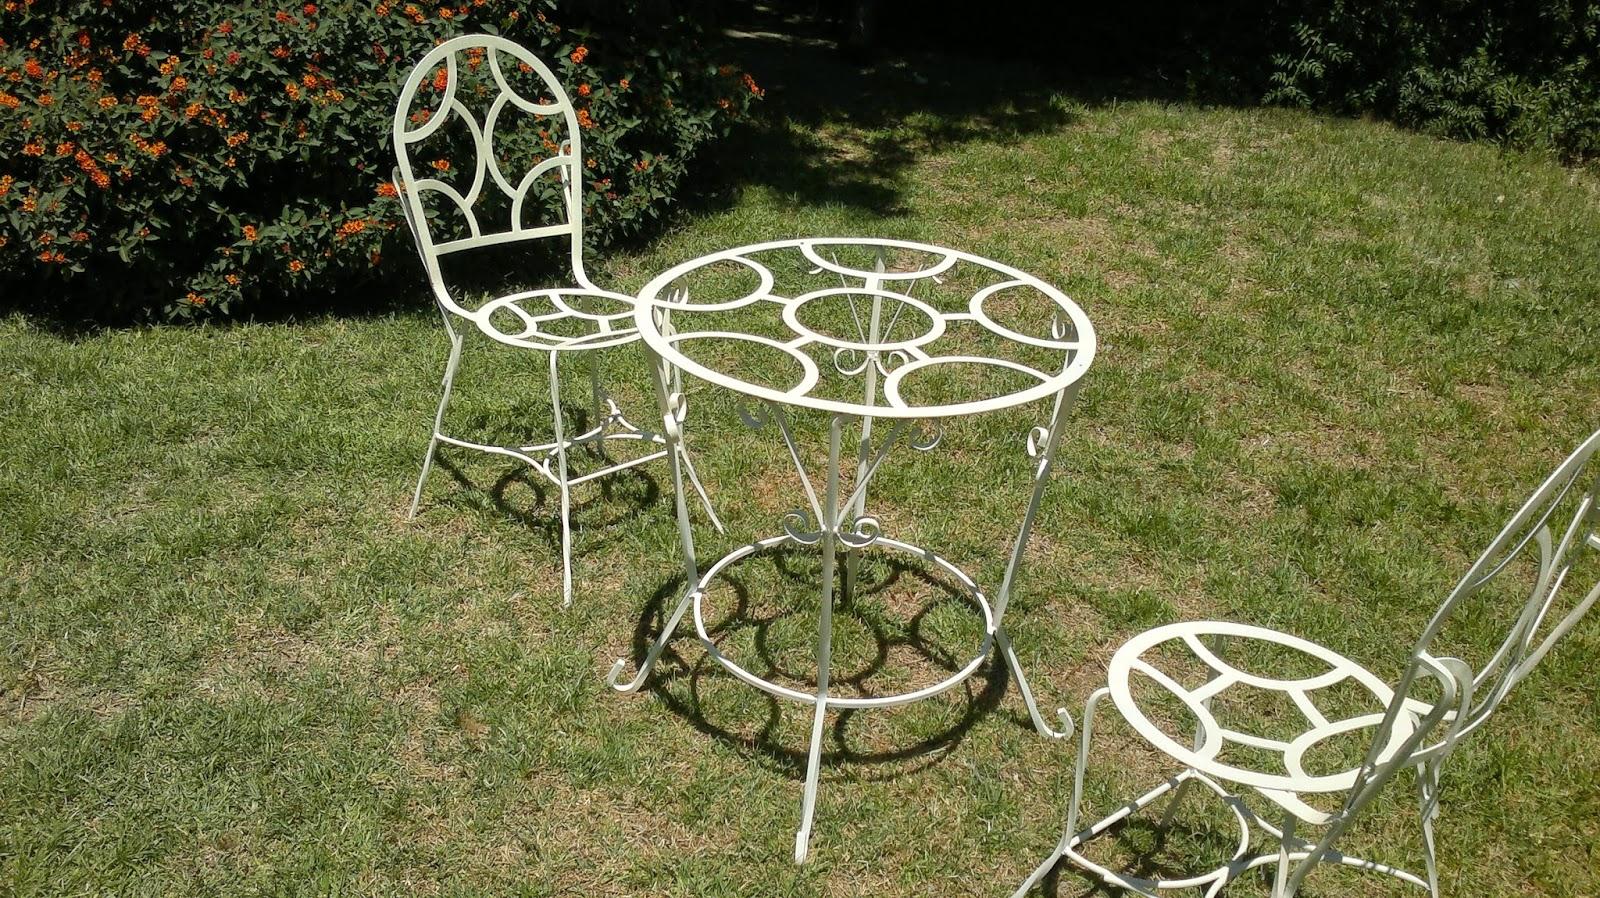 Imagenes de muebles metalicos artesanales for Pedestales metalicos para mesas